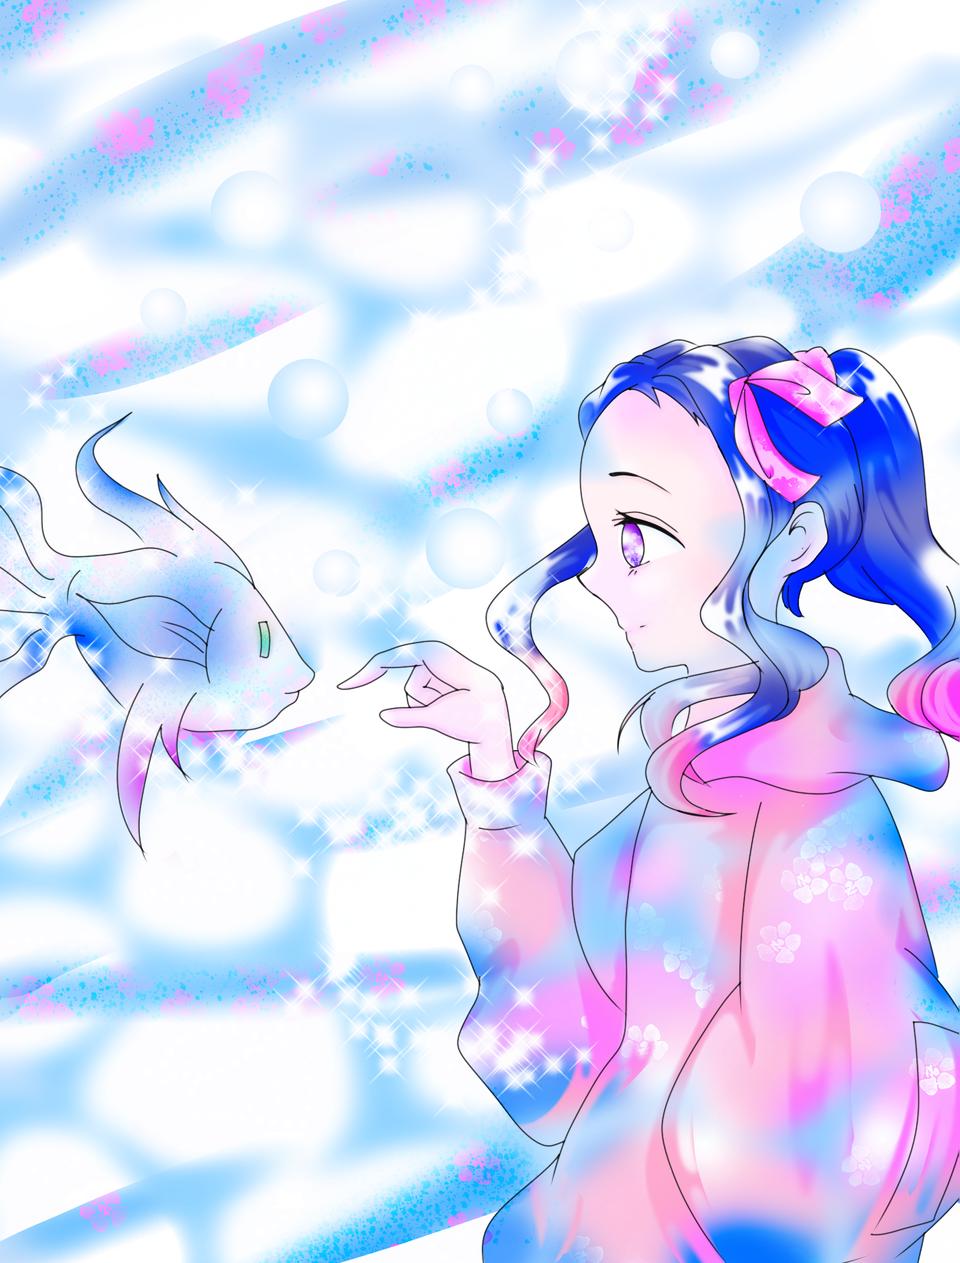 修正 UMI←さんの線画塗りましたヾ(●´∇`●)ノ Illust of りん🌸いつも眠いw KimetsunoYaiba